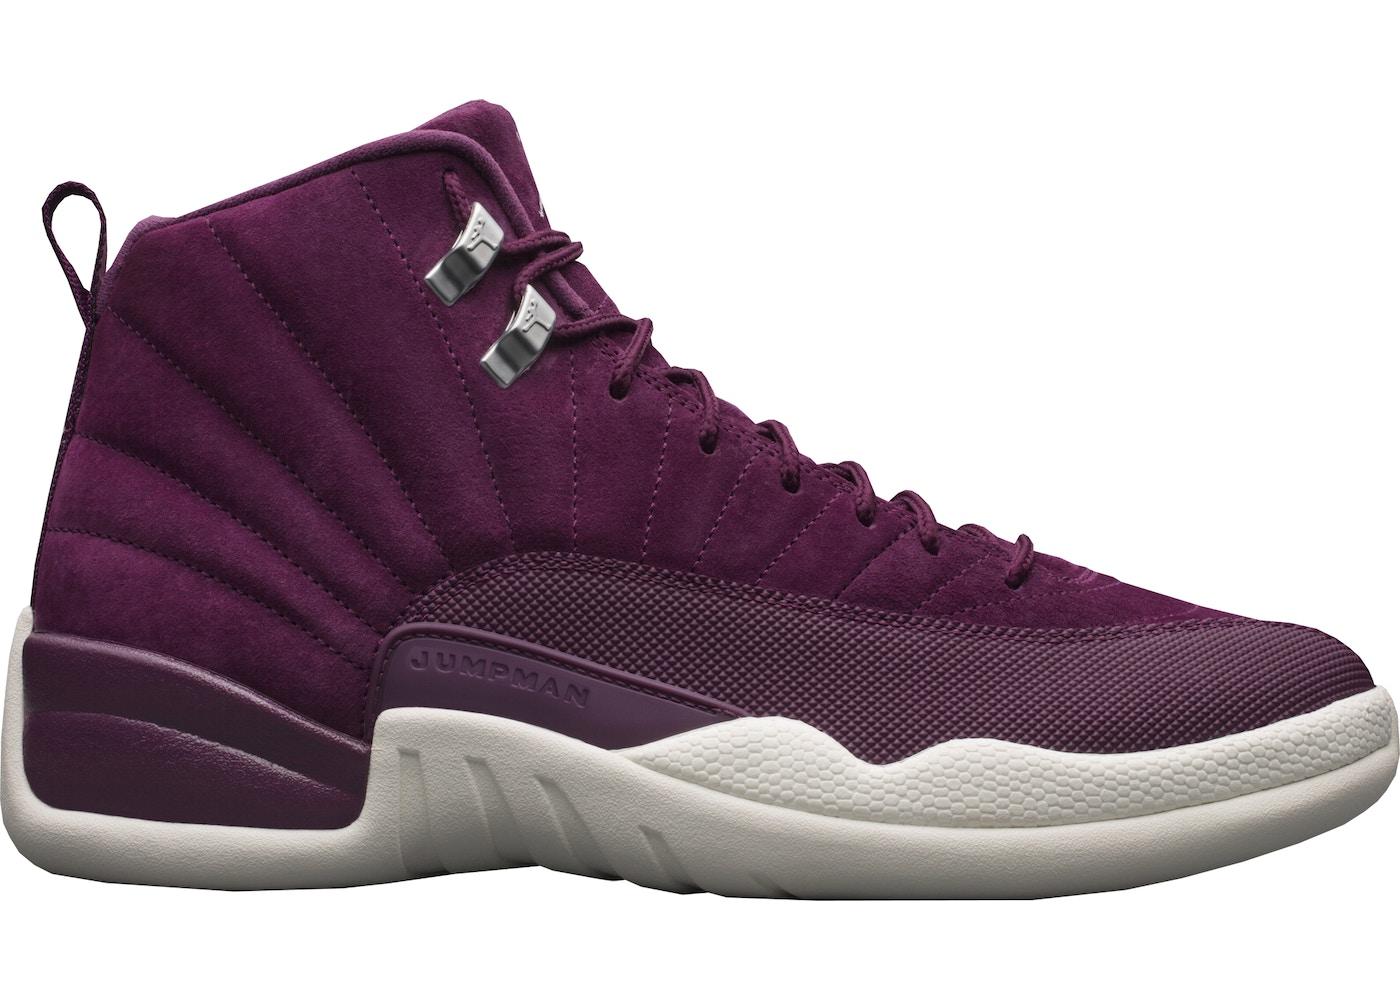 Jordan 12 Retro Bordeaux - 130690-617 8b80f0a074